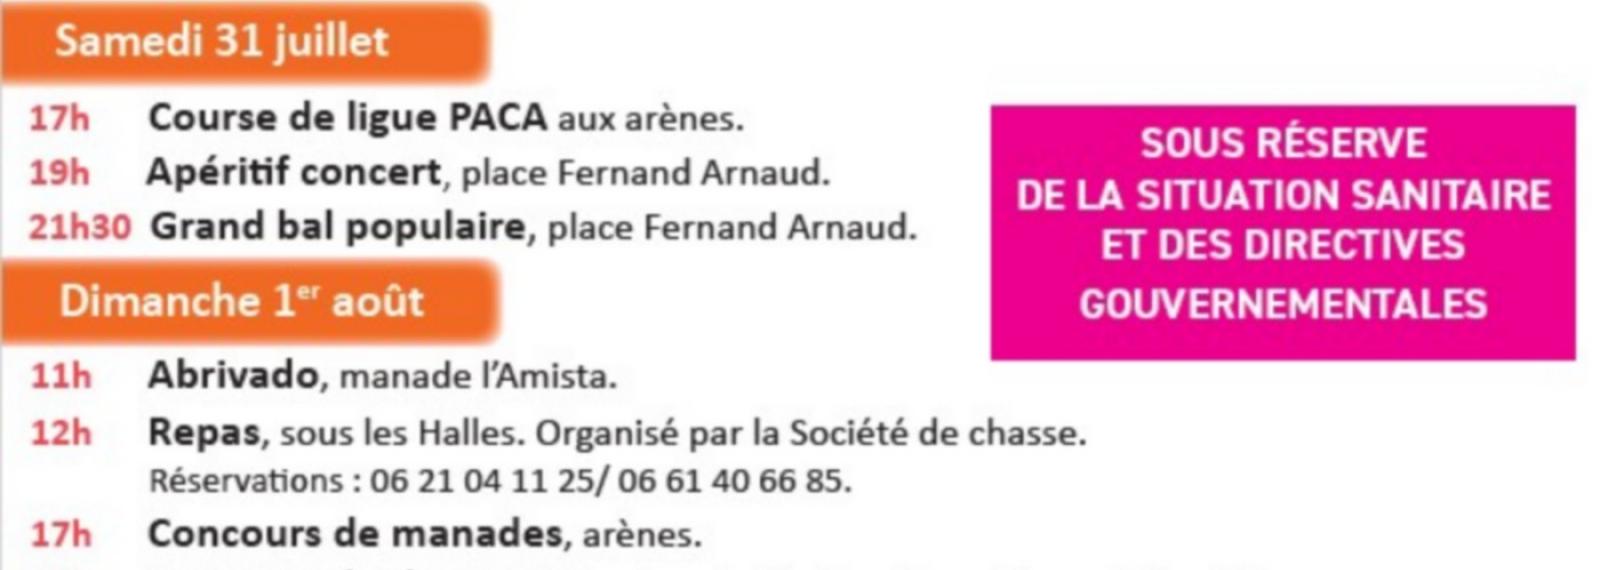 Fêtes Votives de la Saint-Pierre 2021